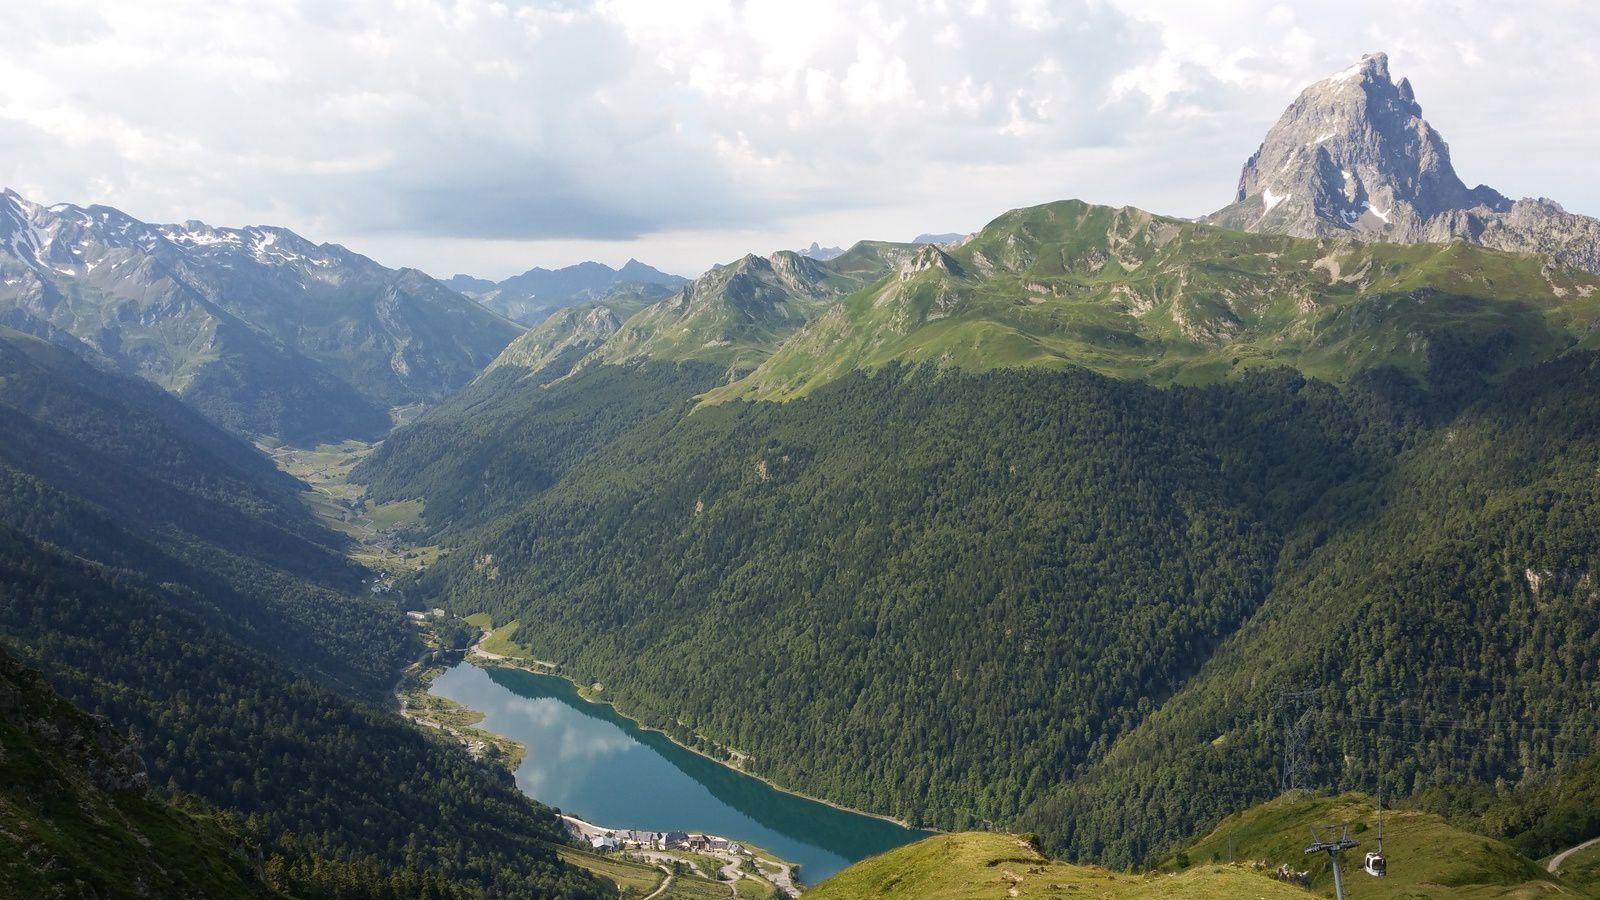 et ce que nous aurions dû voir, l'emblème de la vallée d'Ossau qui culmine à 2884m,